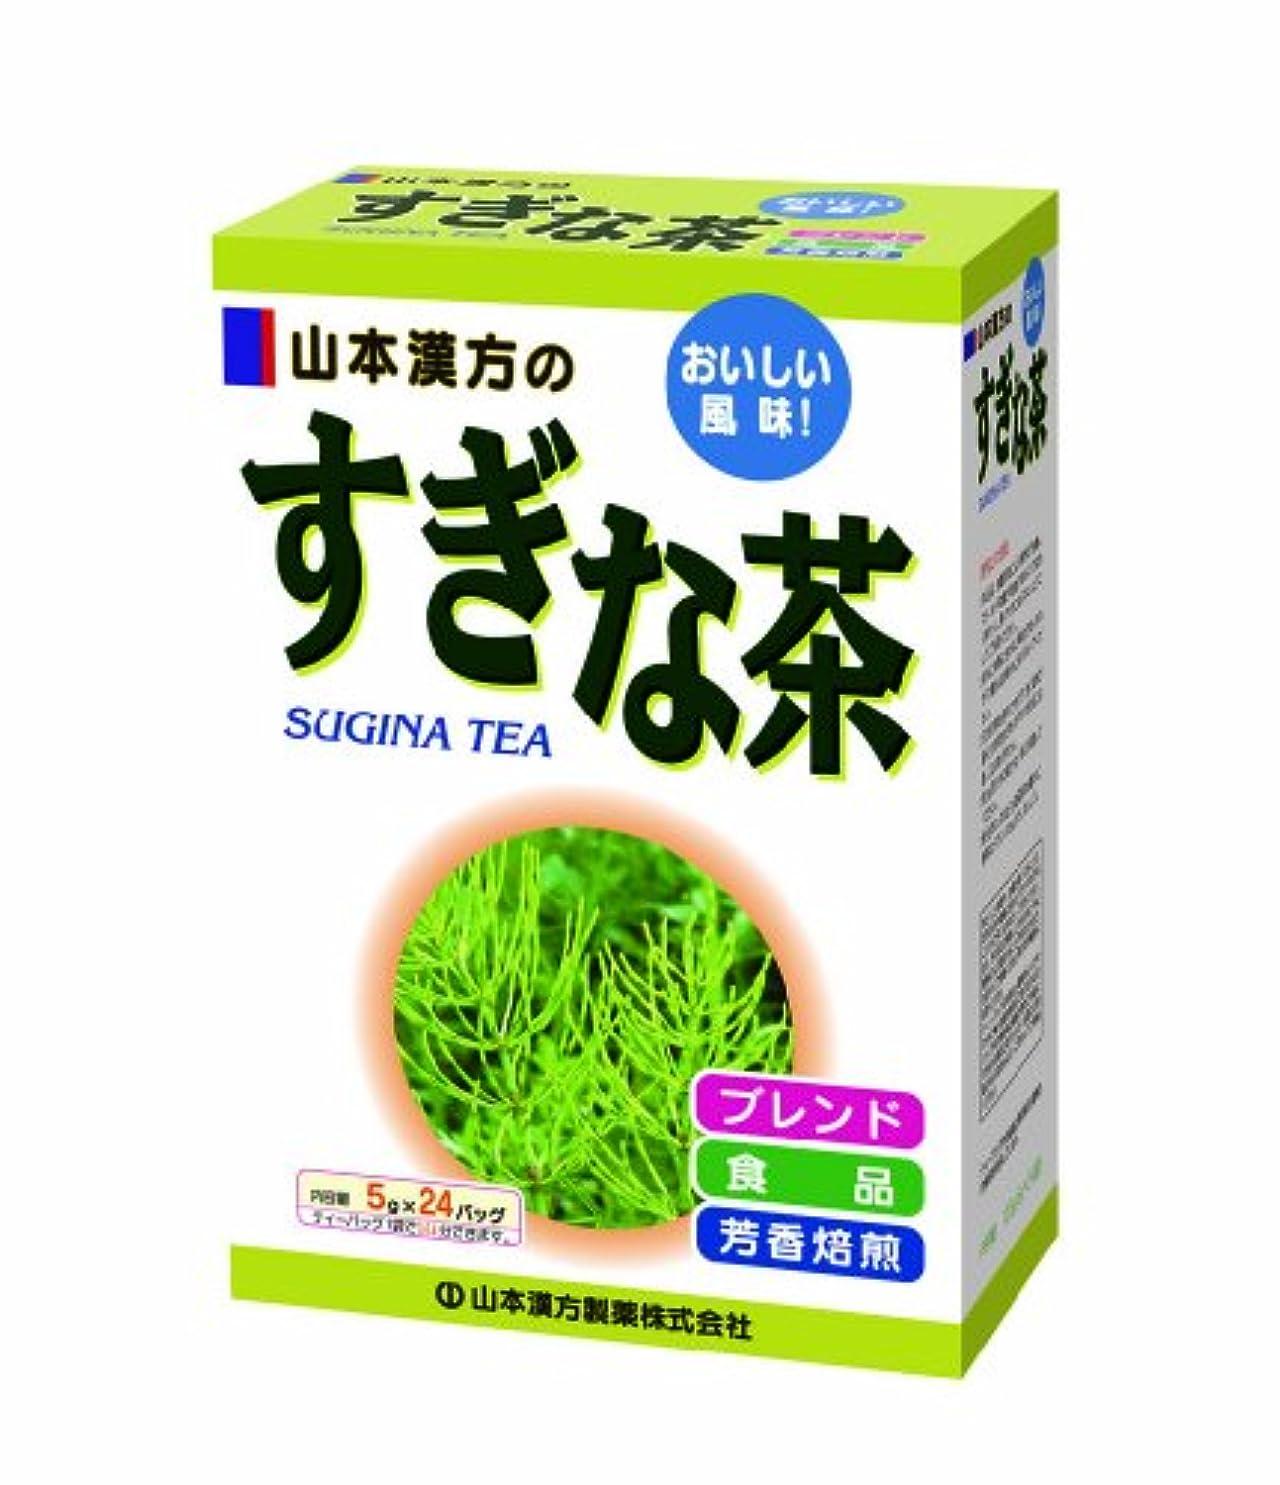 ファックス勃起認知山本漢方製薬 すぎな茶 5gX24H